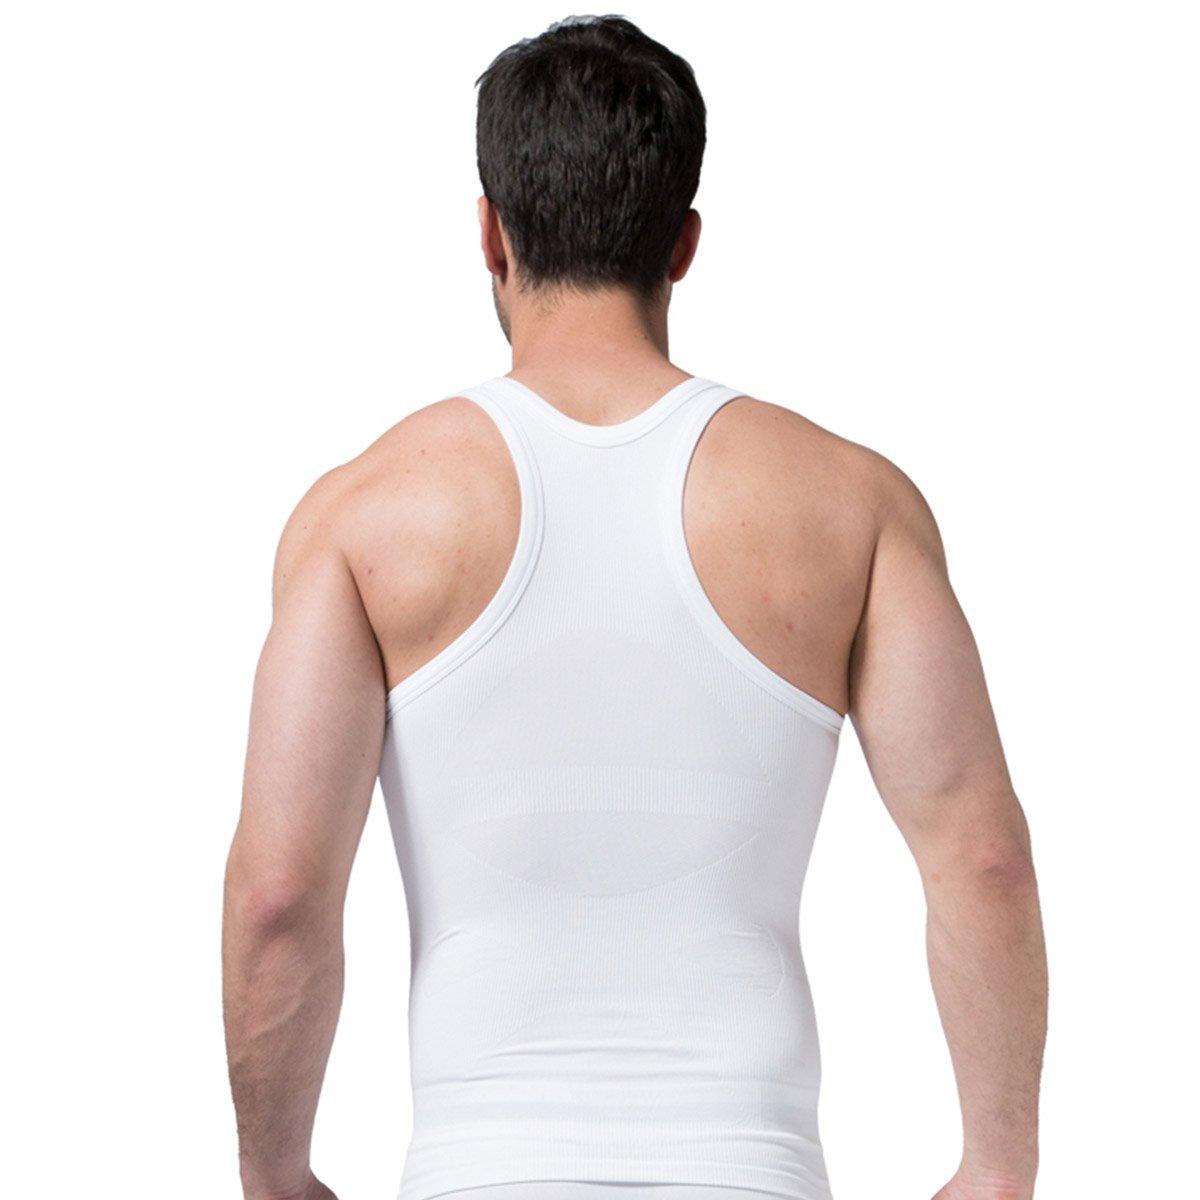 FEOYA - Chaleco Interior sin Costura con Faja Abdominal para Hombre  Reductora Adelgazante Suave Transpirable Absorción 4d8ea1ddef83